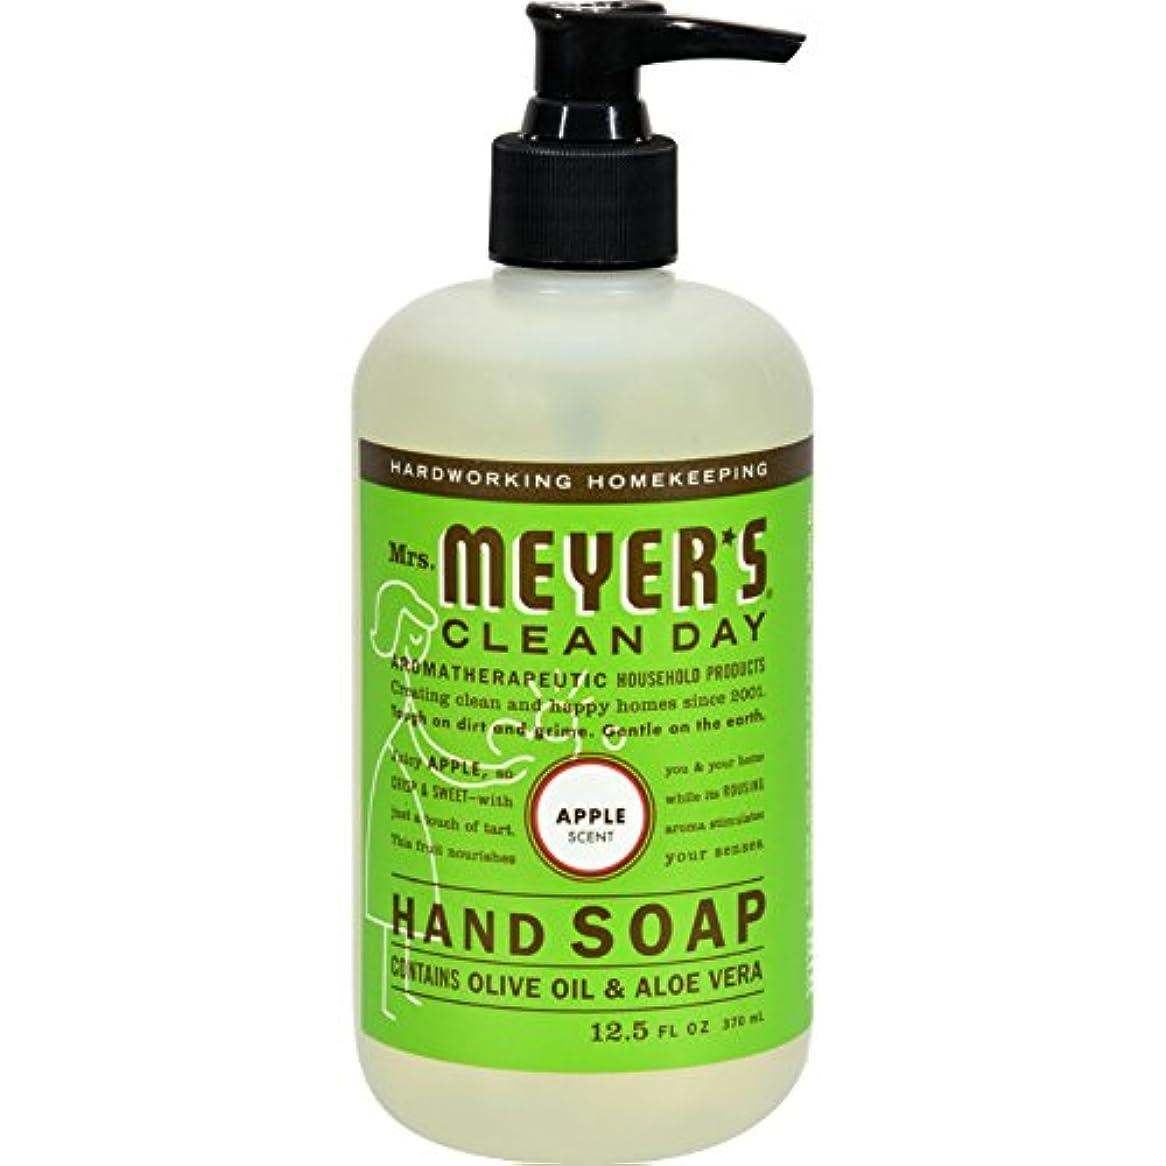 アルファベットサンドイッチ白菜Liquid Hand Soap - Apple - Case of 6 - 12.5 oz by Mrs. Meyer's